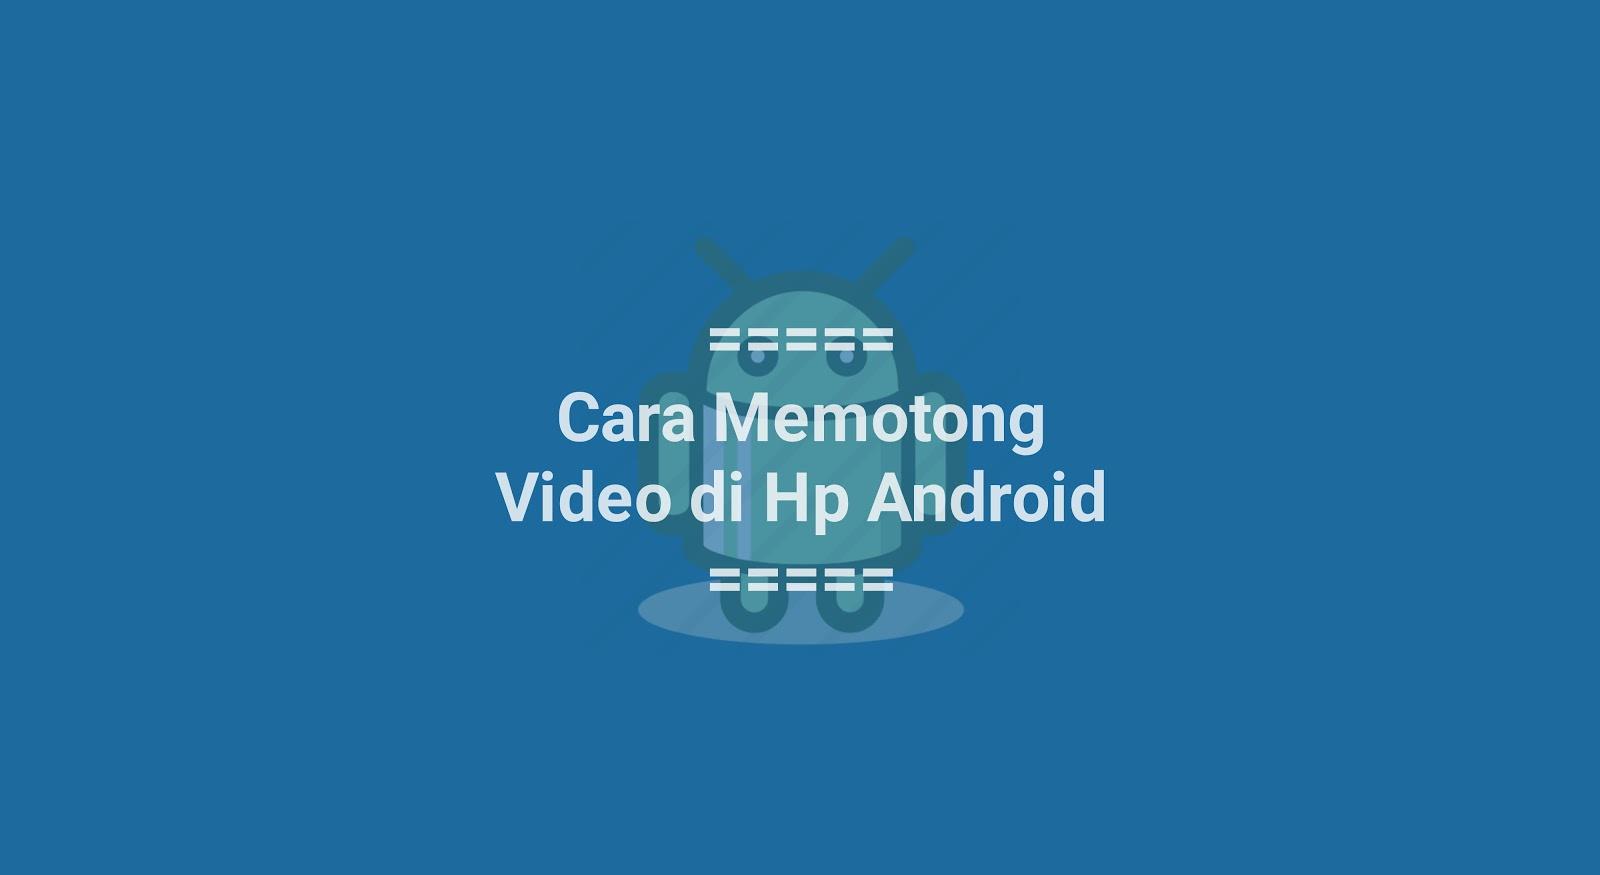 Cara Memotong Video di HP Android